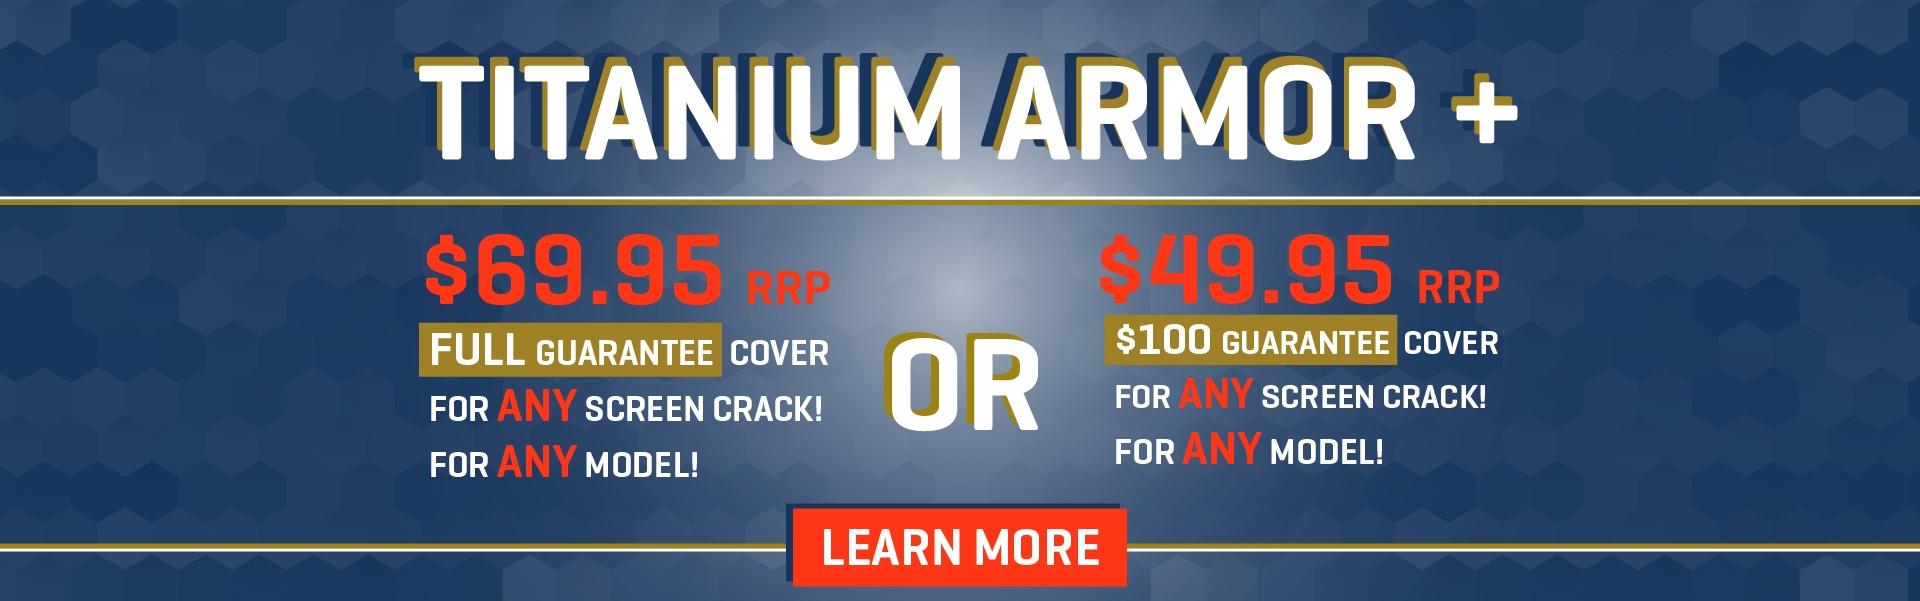 Titanium Armor 2